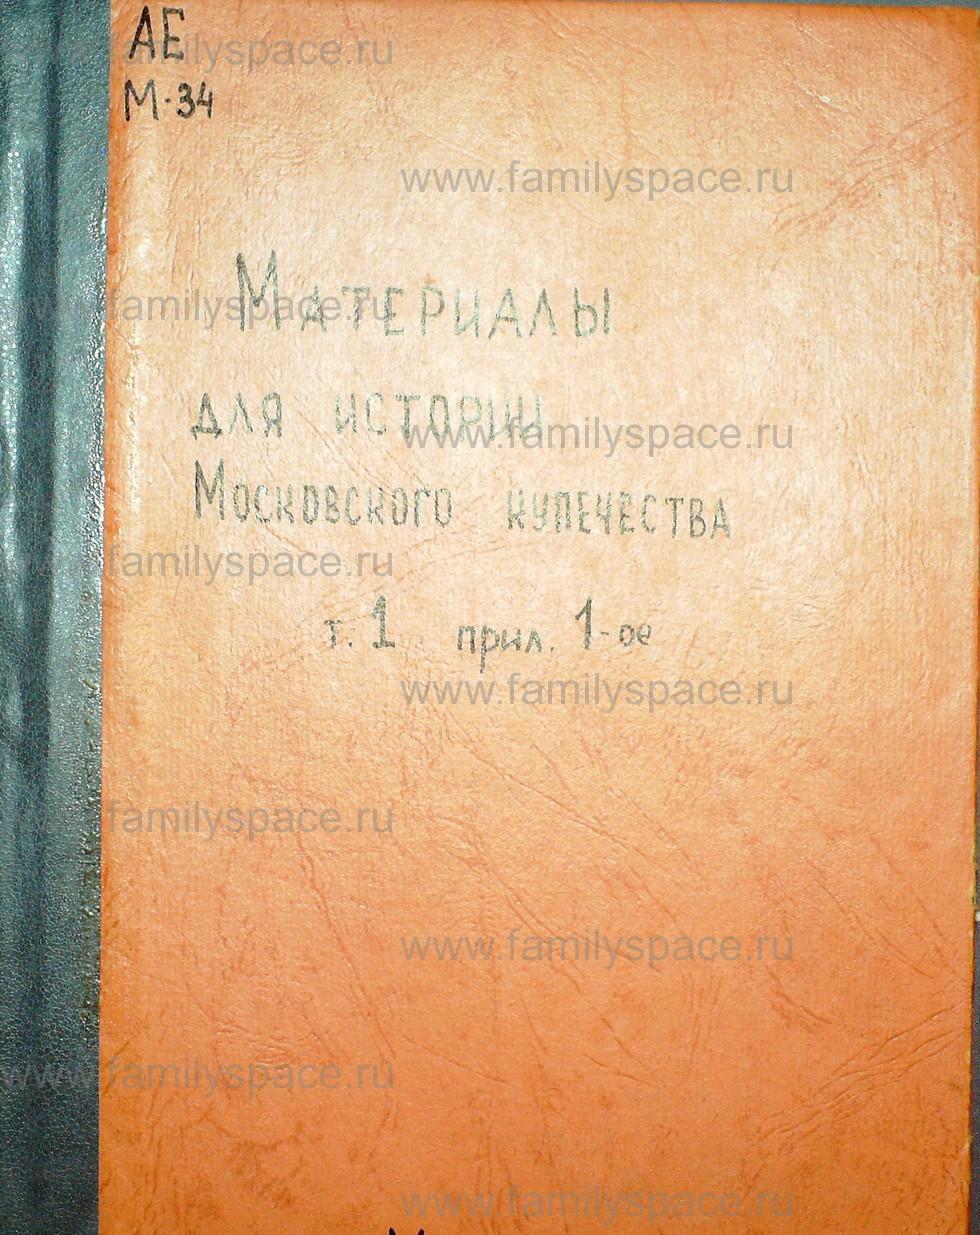 Поиск по фамилии - Материалы для истории Российского купечества 1884, том 1 прил. 1, страница 1